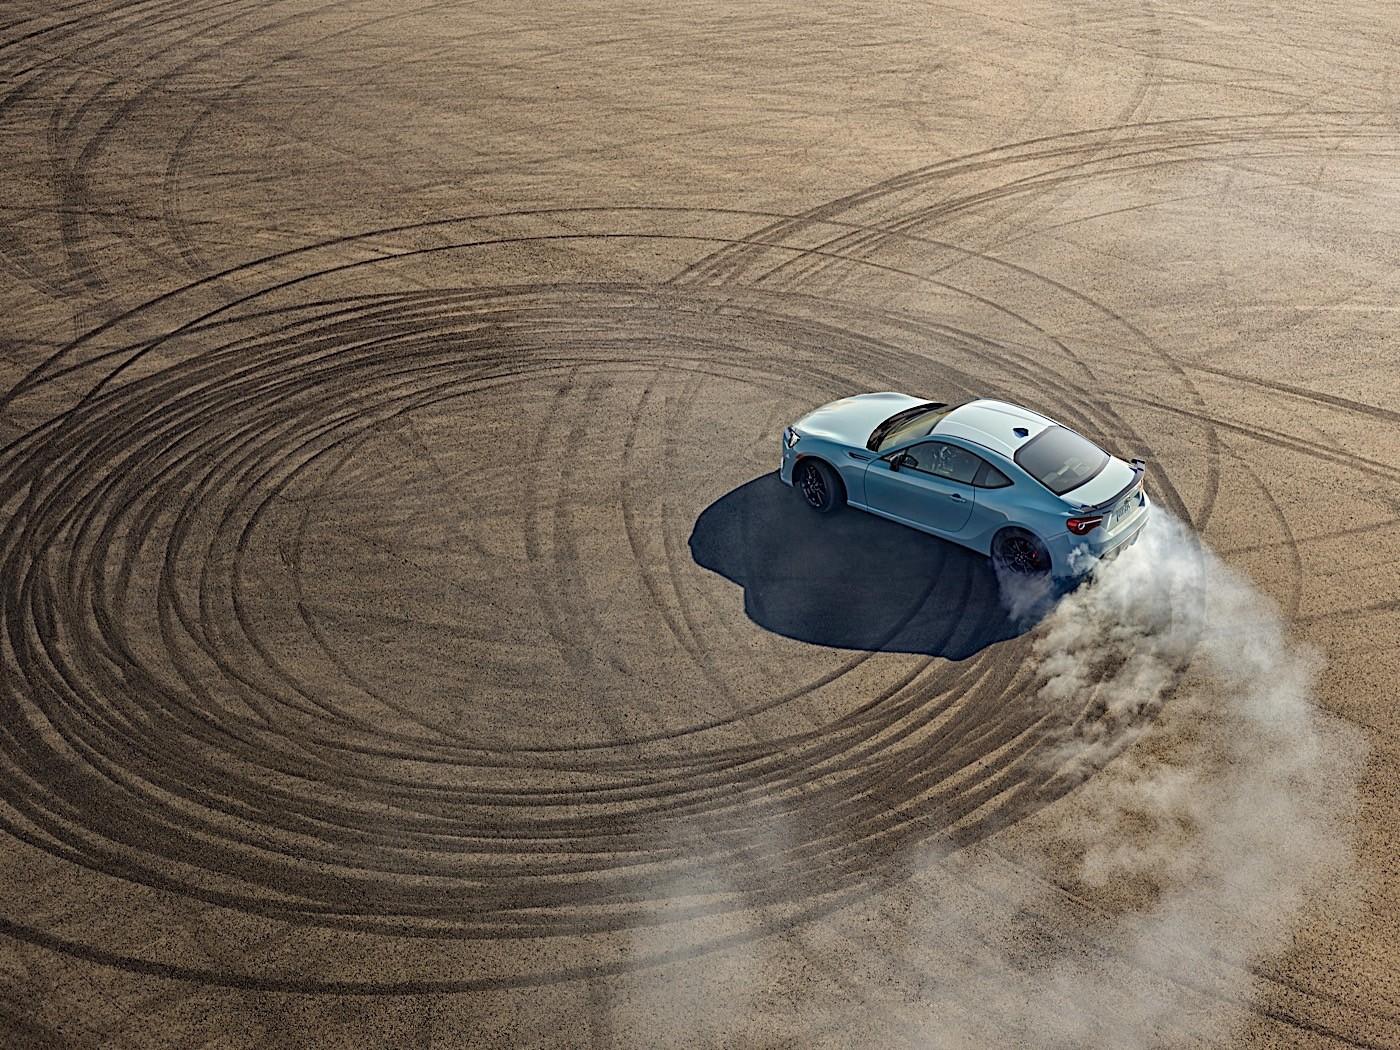 Subaru planira novu generaciju BRZ kupea